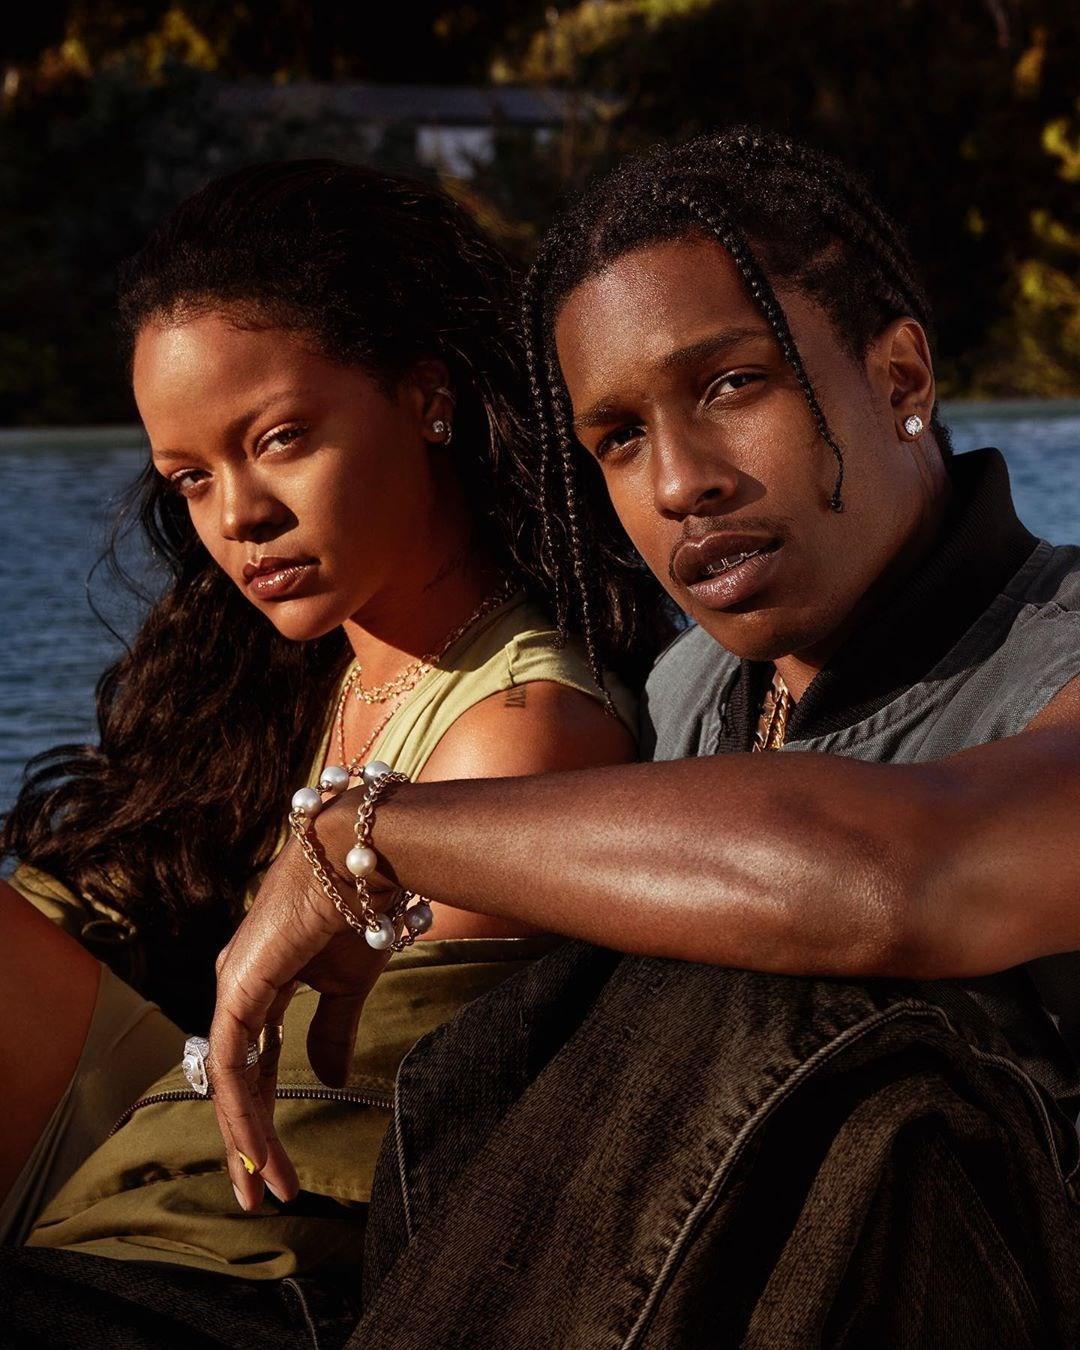 fenty skin, asap rocky, Rihanna, male beauty, celebrity partnership, influencer marketing, asap rocky and Rihanna Fenty skin